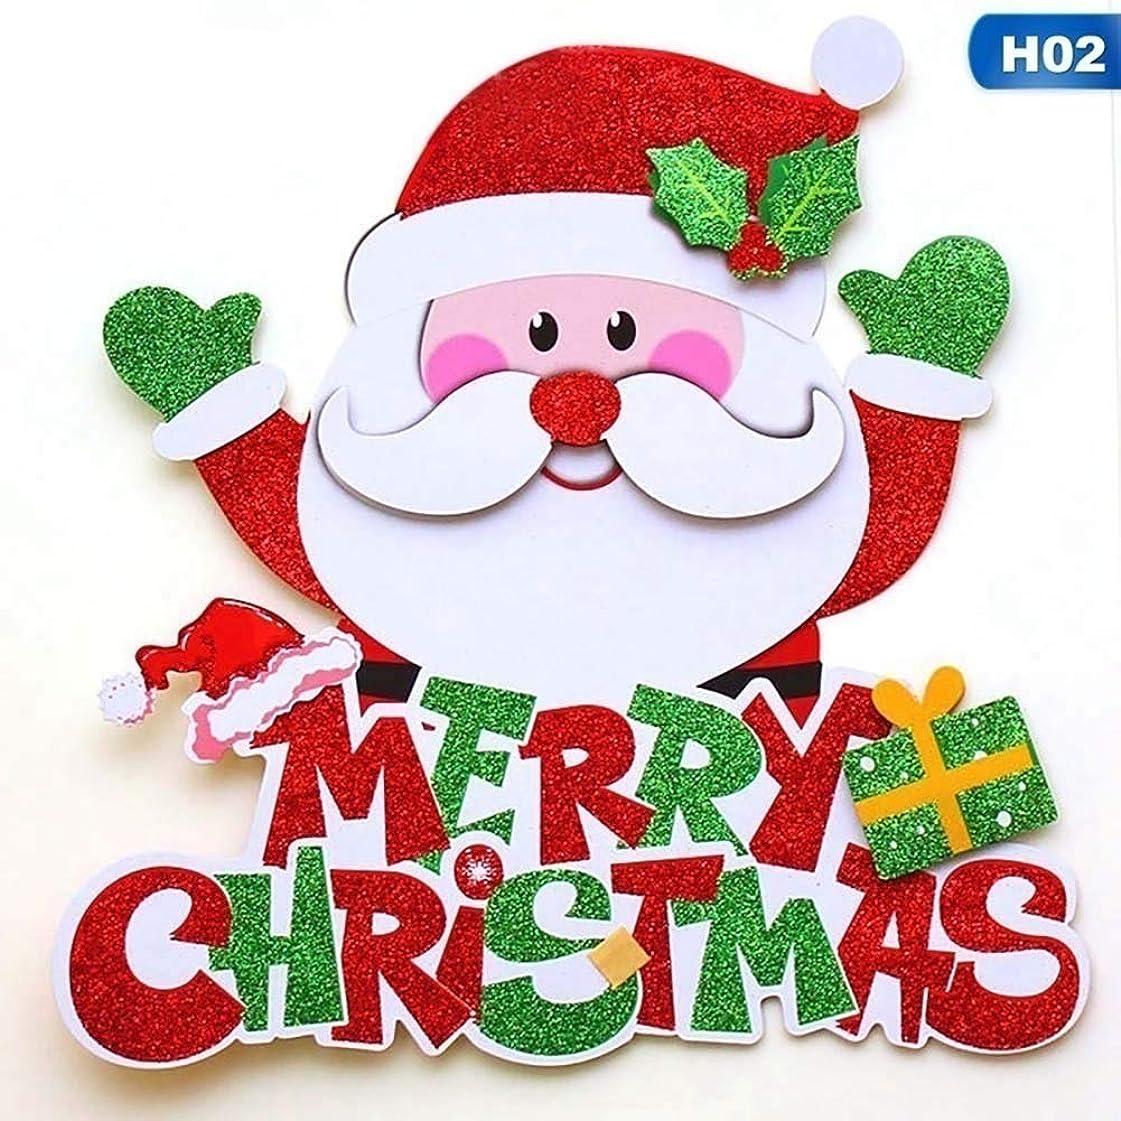 ぺディカブトランペット輝度Creacom クリスマス飾り 吊り装飾 ドア飾り物 壁掛け 玄関掛け 装飾 ストラップ 置物 ペンダント クリスマスオーナメント ツリー飾り 雰囲気作り 手作り装飾 サンタクロース 雪だるま トナタ パーディー プレゼント